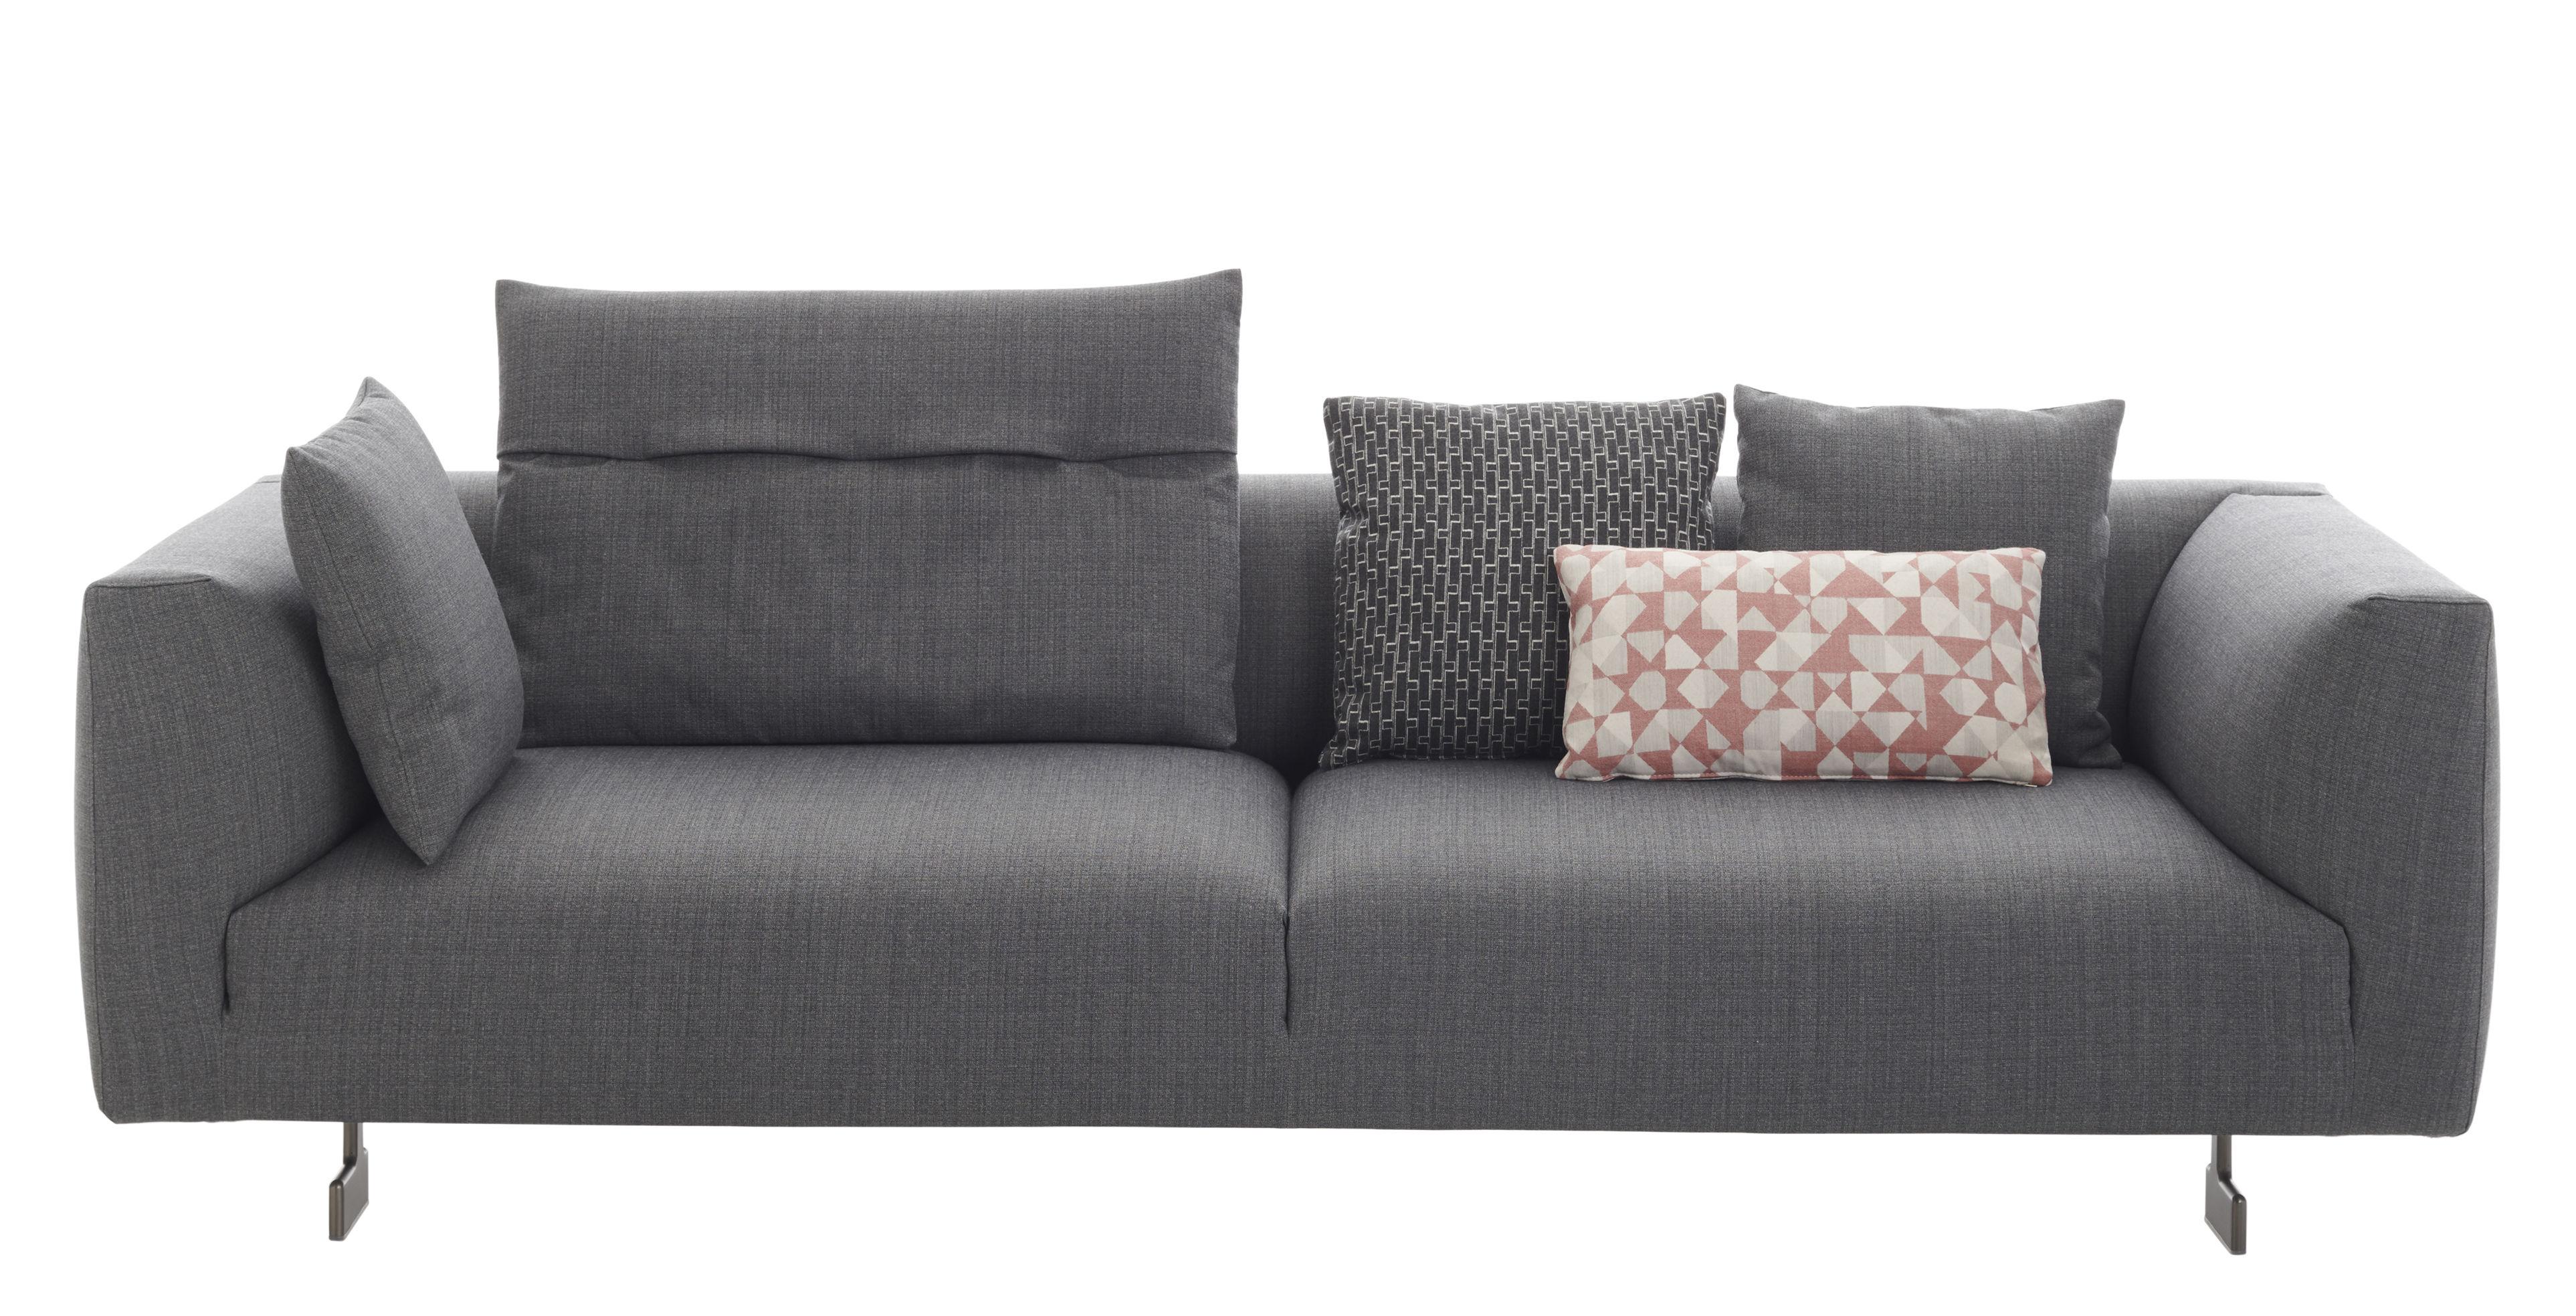 Mobilier - Canapés - Canapé droit Kim / 3 places - L 238 cm - Zanotta - Gris - Aluminium laqué, Mousse, Tissu